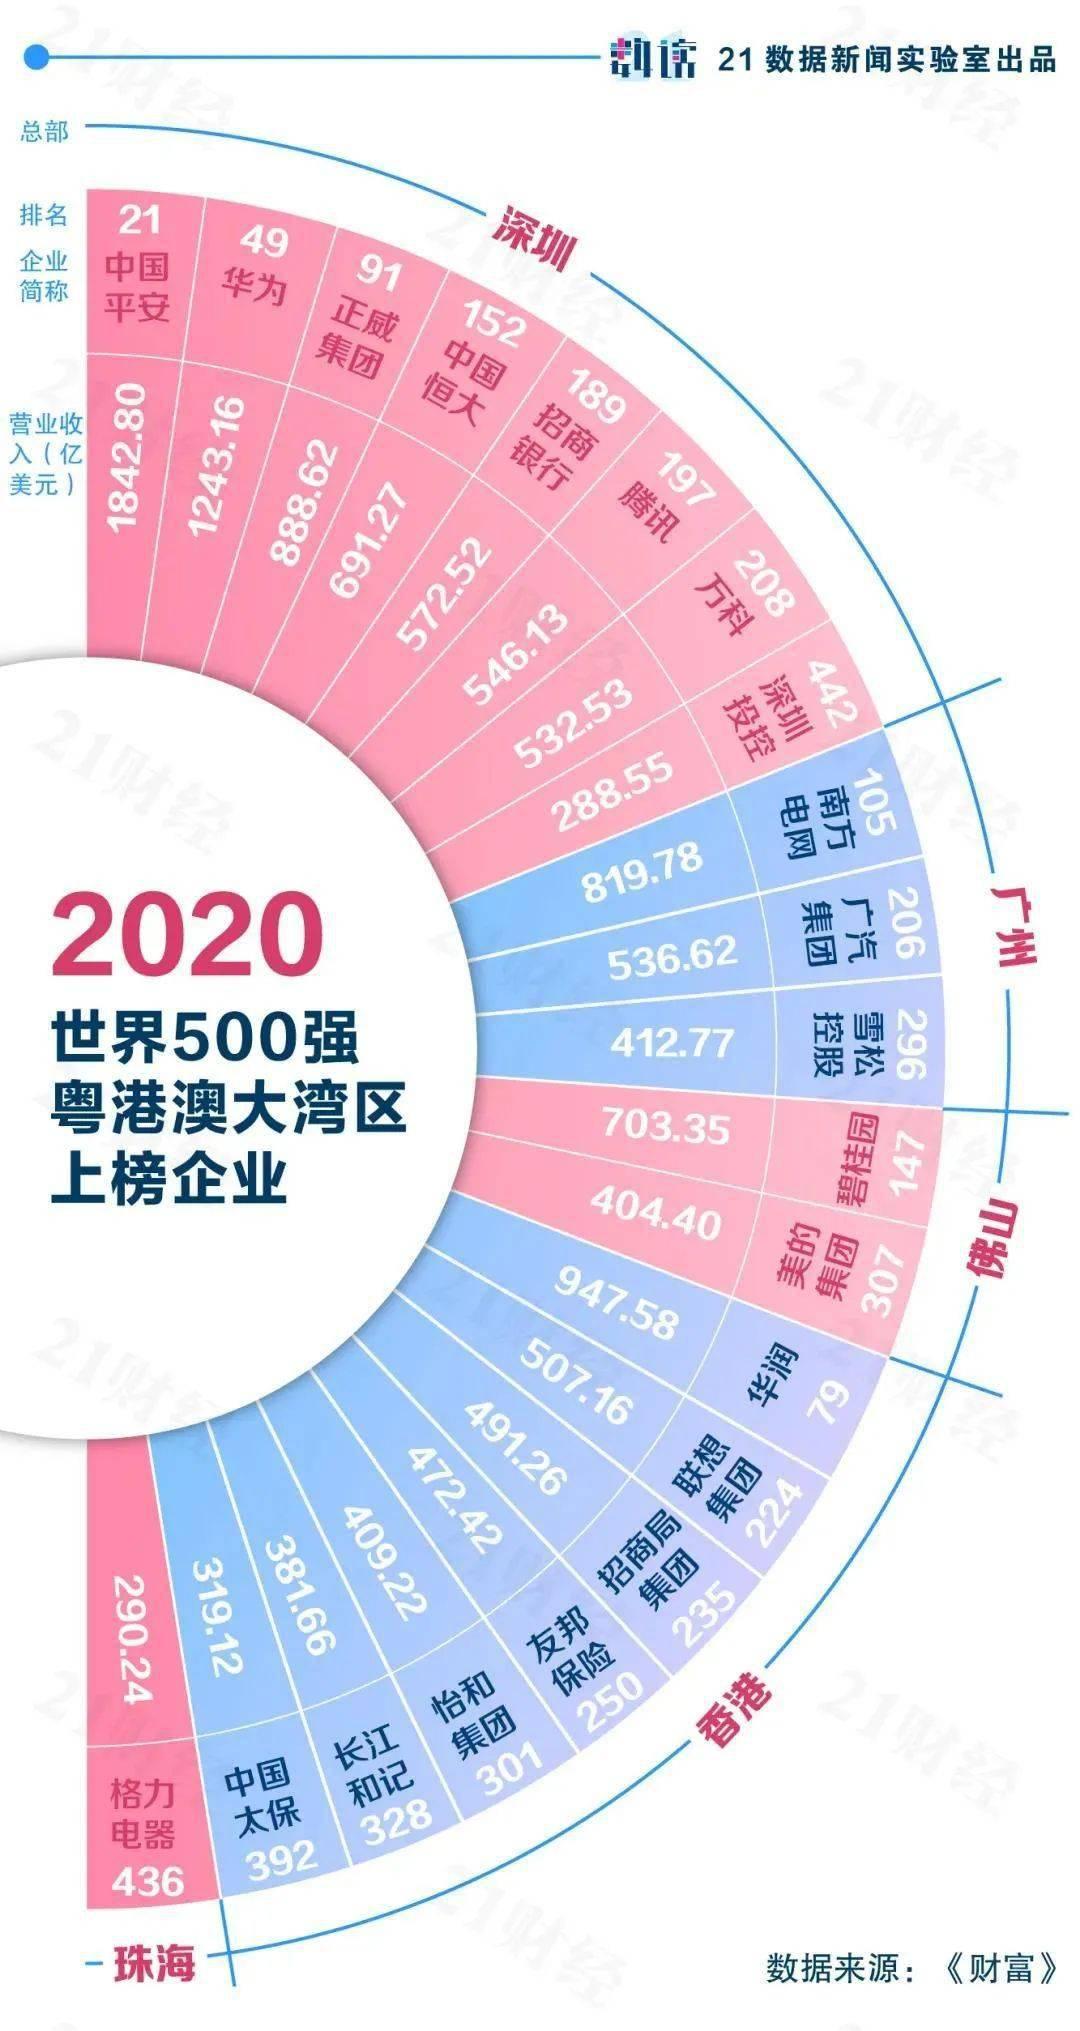 中国城市gdp含金量最高top_中国 含金量 最高的城市,GDP将突破4万亿,不是深圳和北京